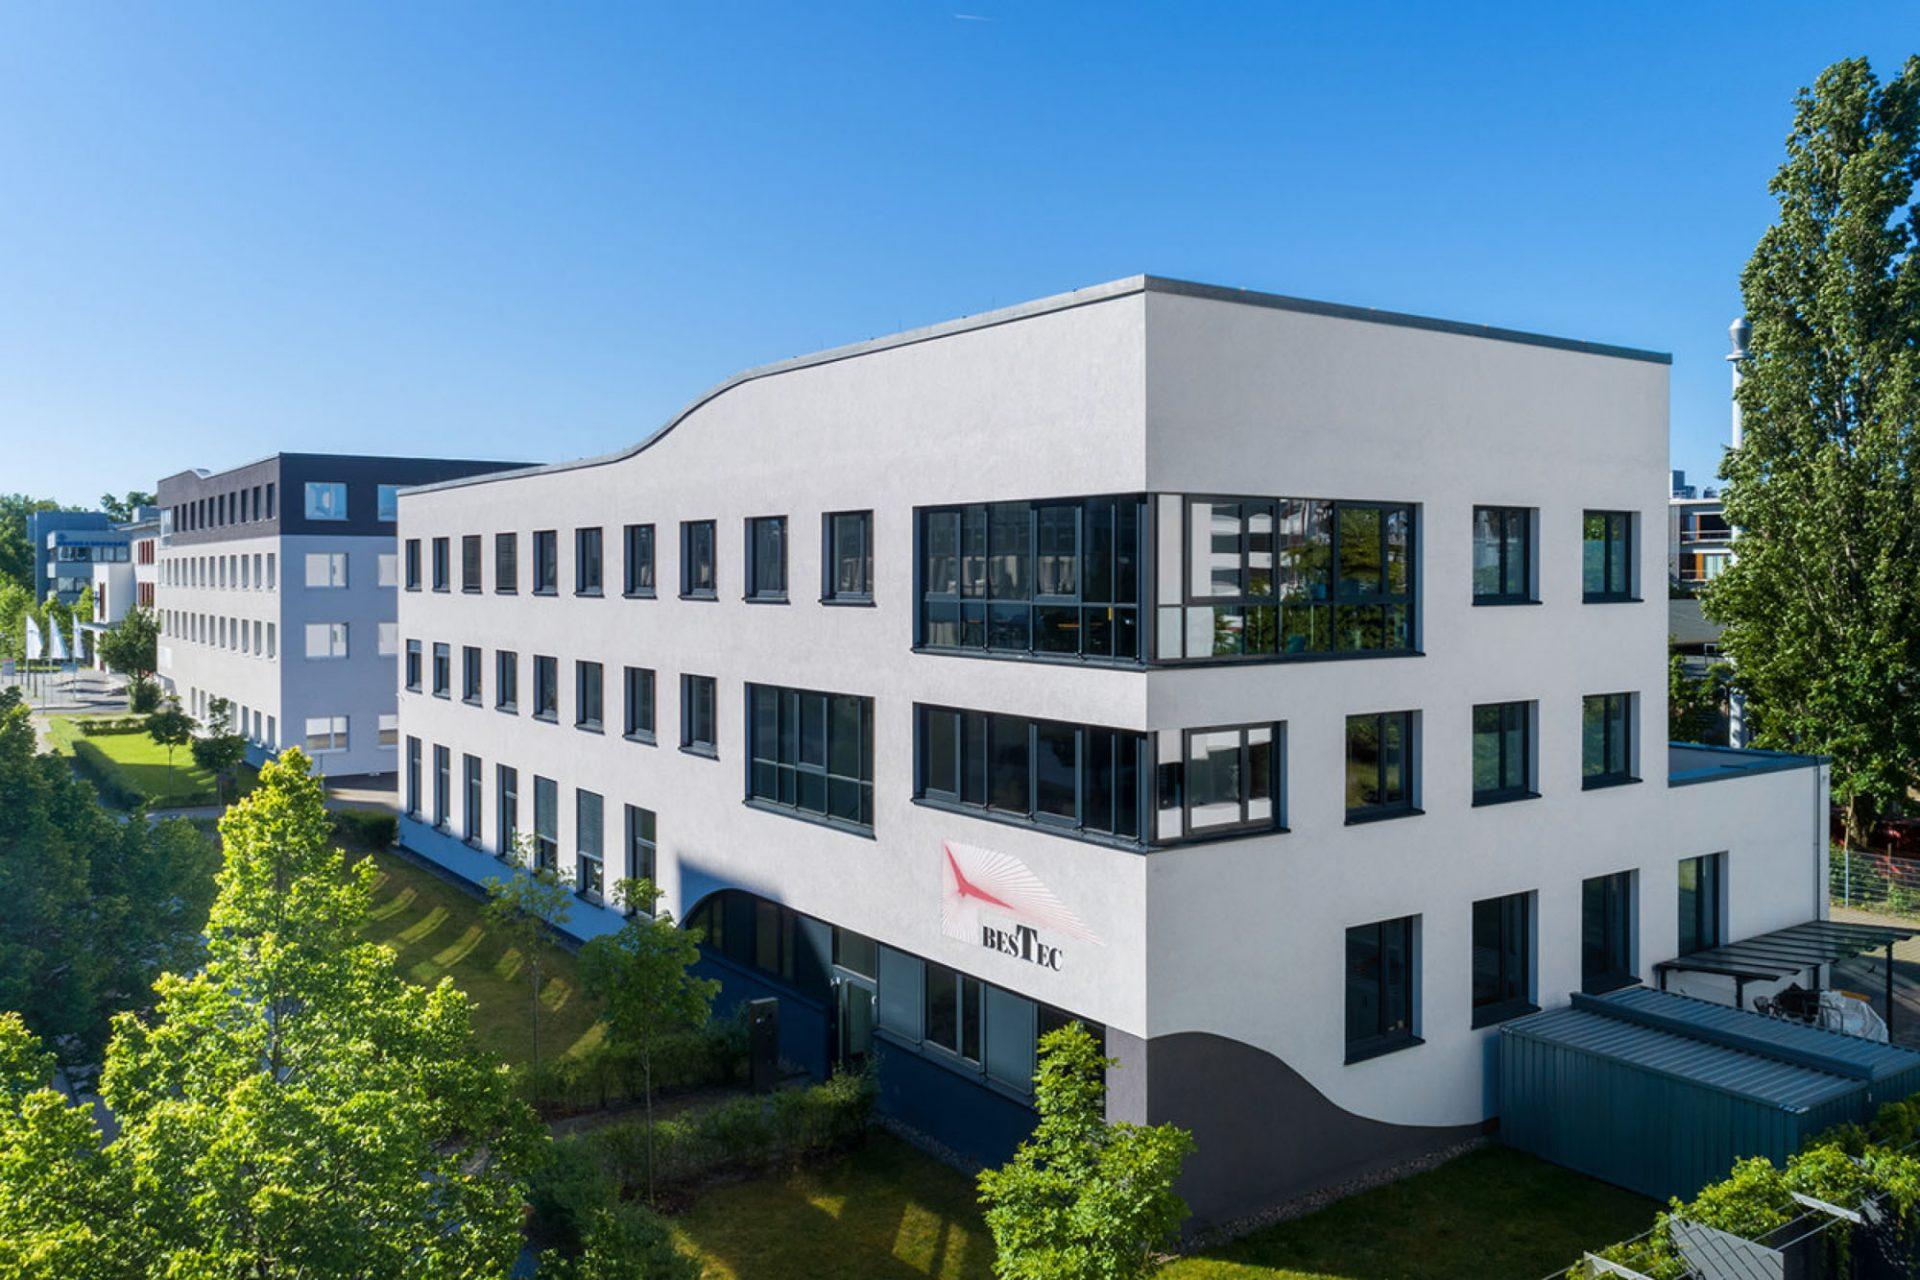 Drohnenaufnahmen Firmengebäude ©Offenblende / Christian CHSO